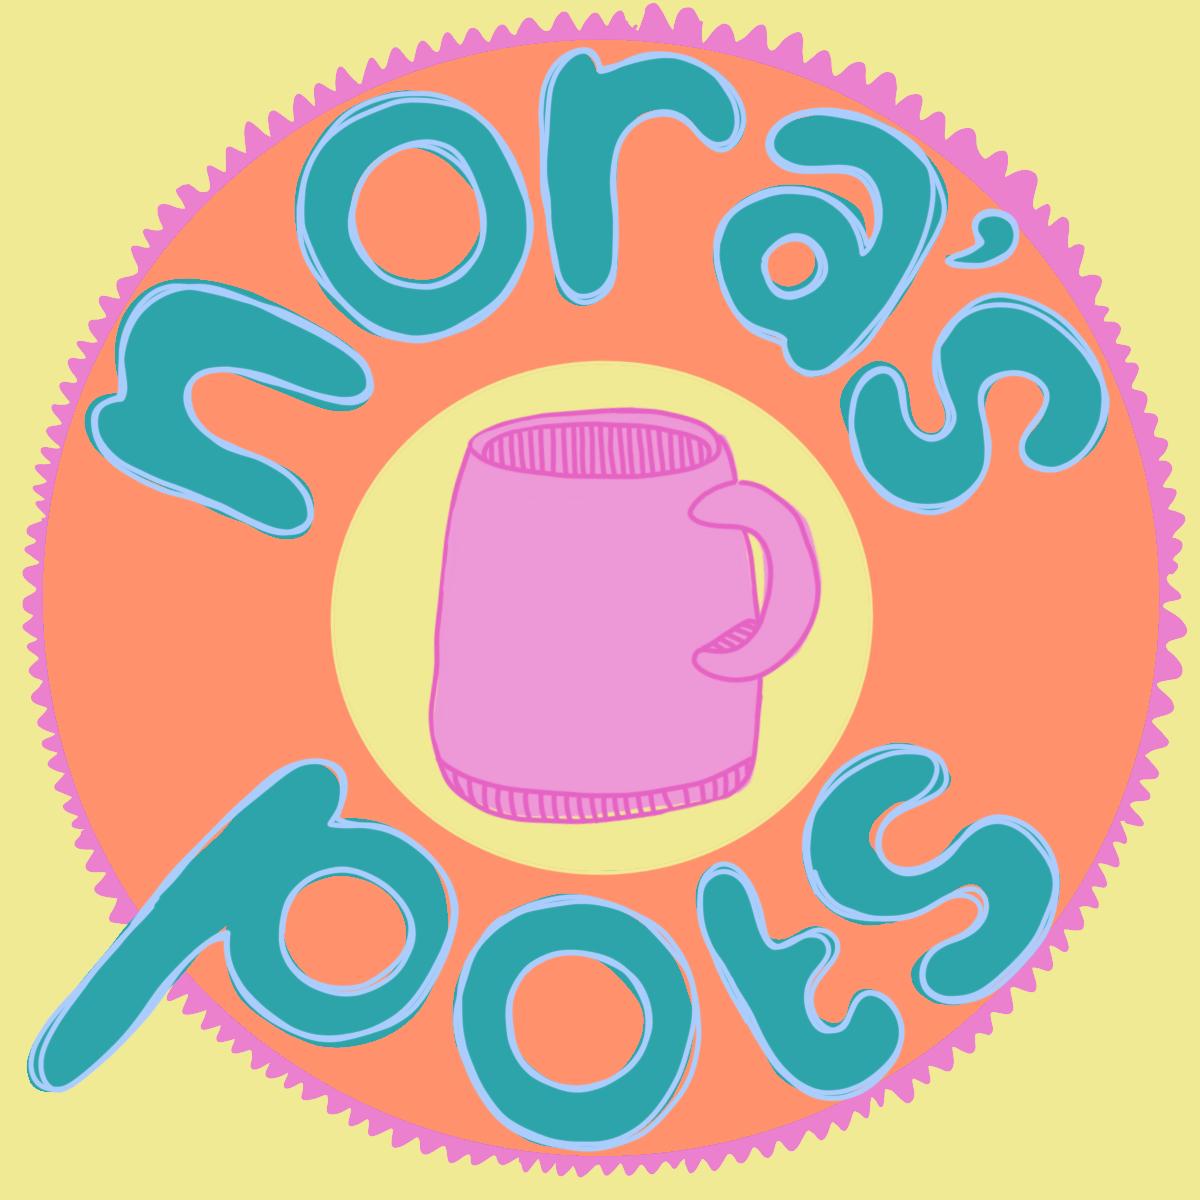 Nora's Pots